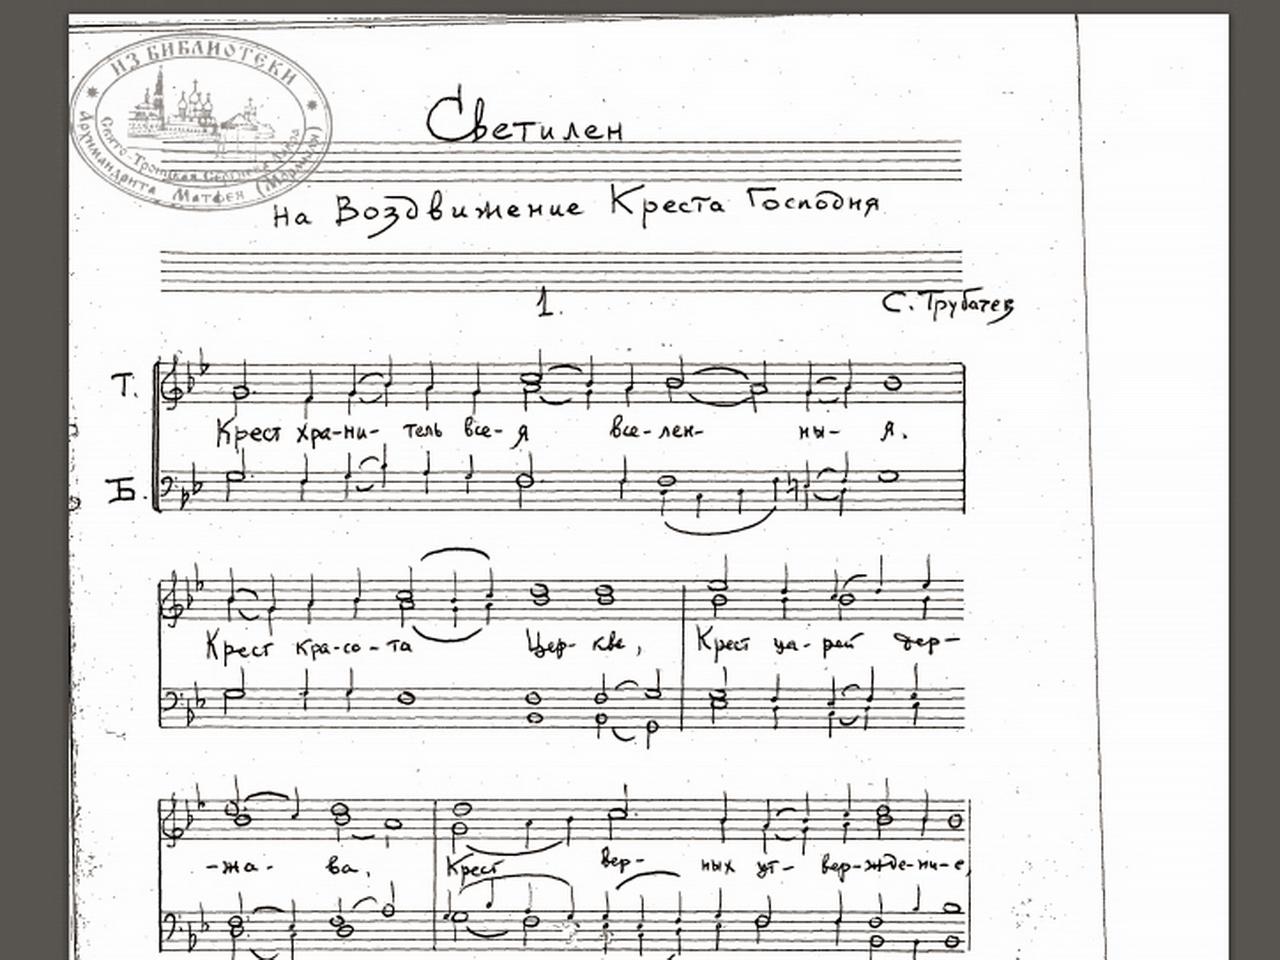 Архив сочинений и переложений диакона Сергия Трубачева. Рукописи 1 – 50